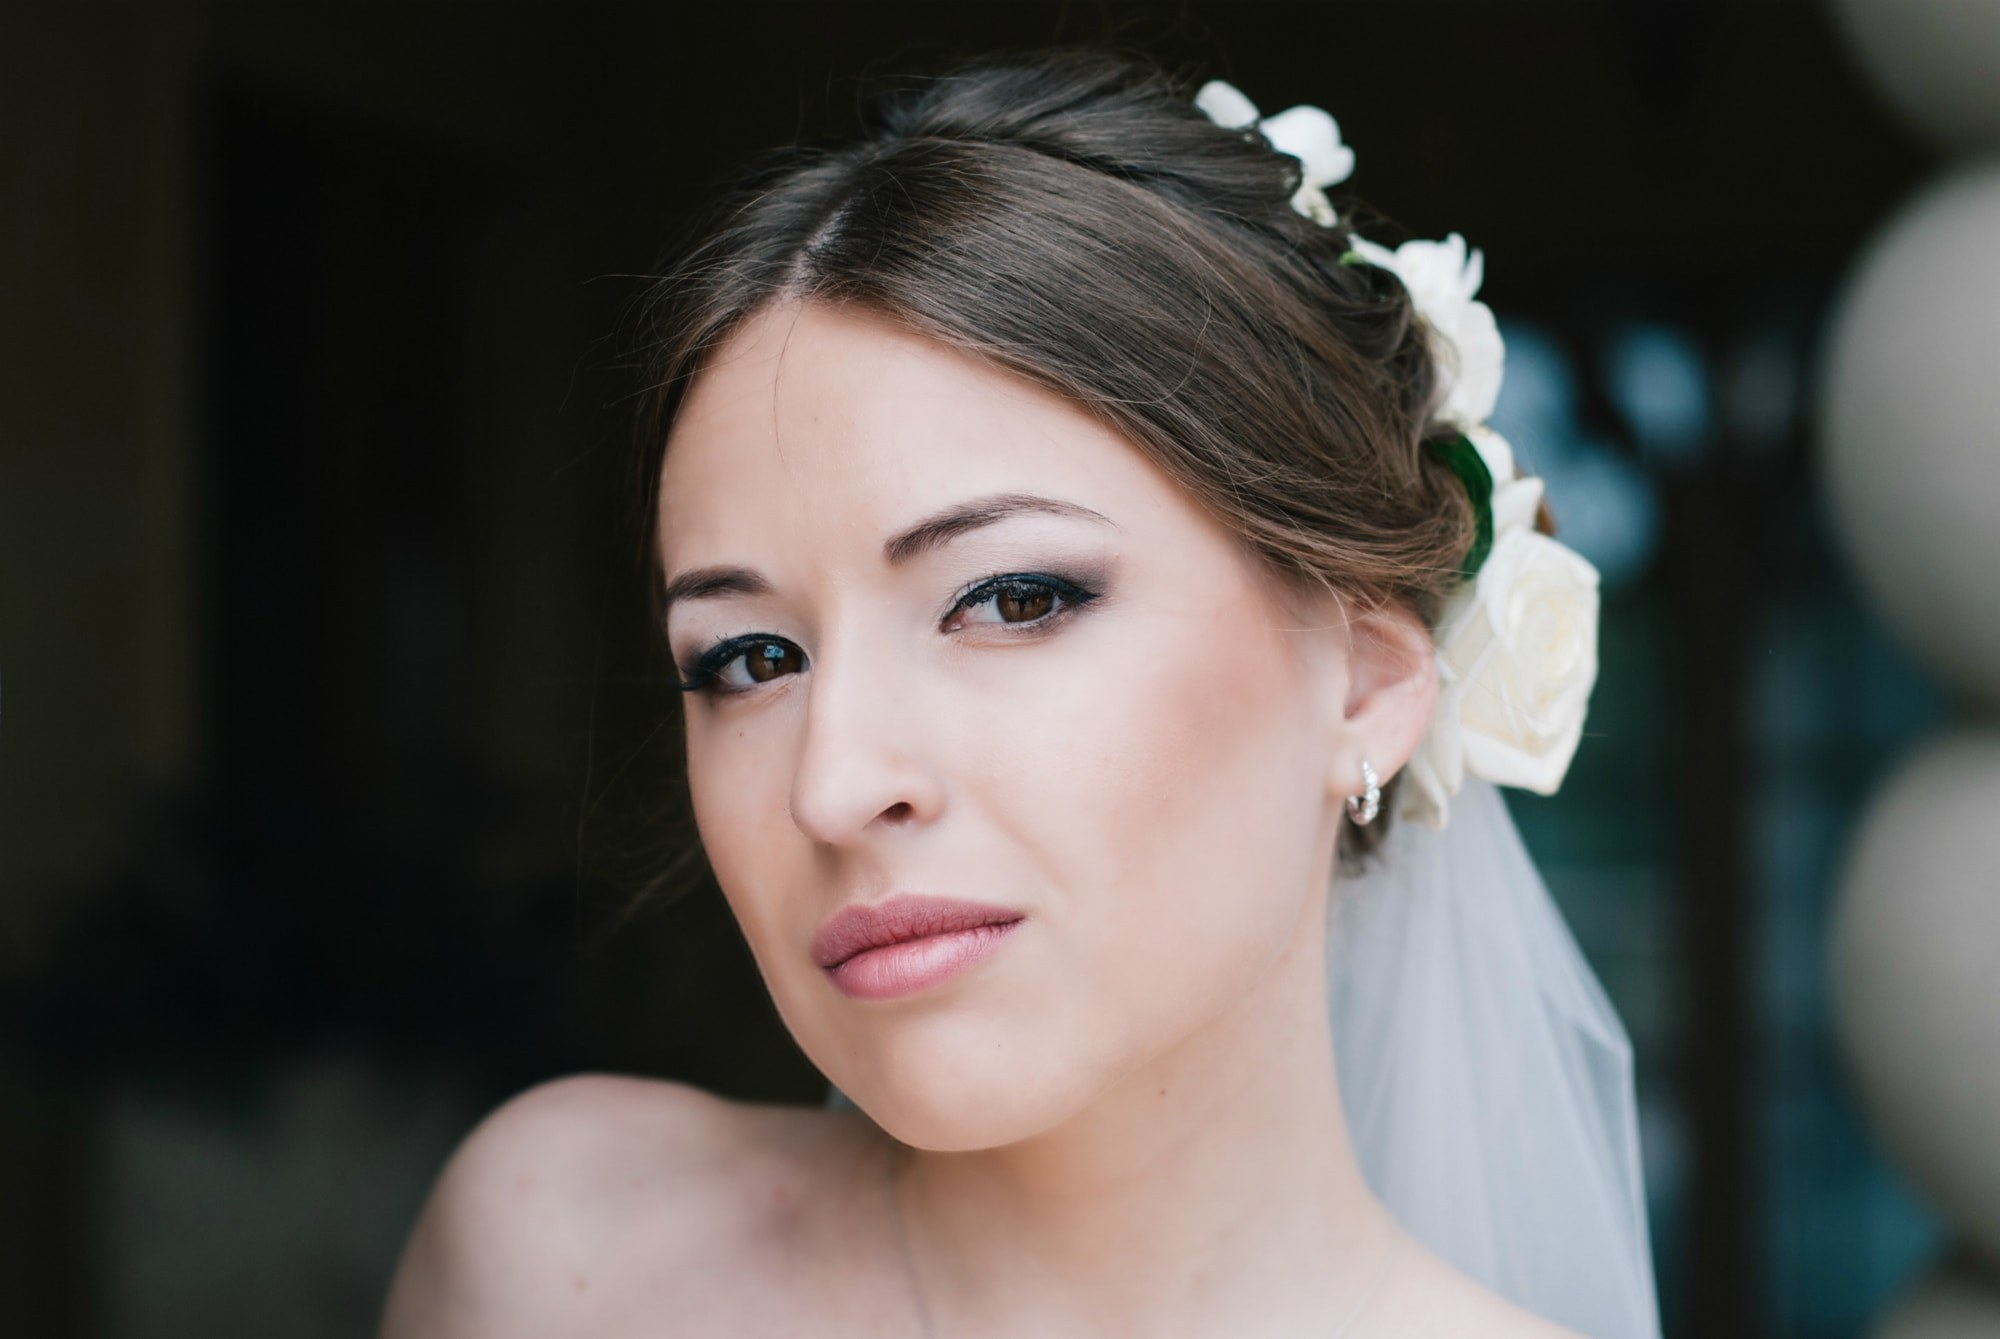 Портрет невесты - Фотограф Киев - Женя Лайт